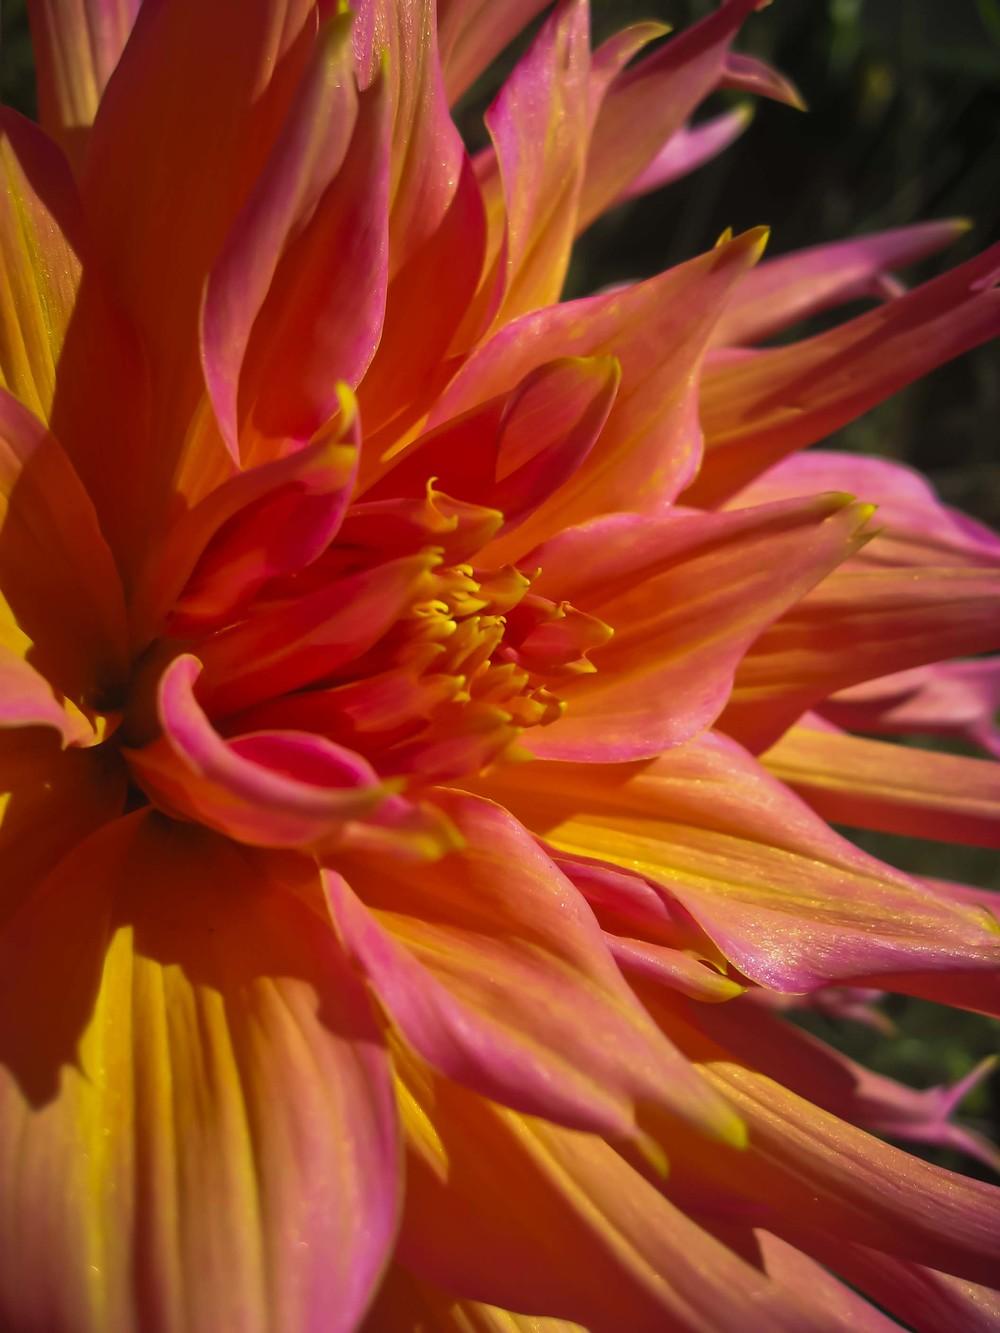 Keen-EyePhoto-dot-com_Flowers (12).jpeg